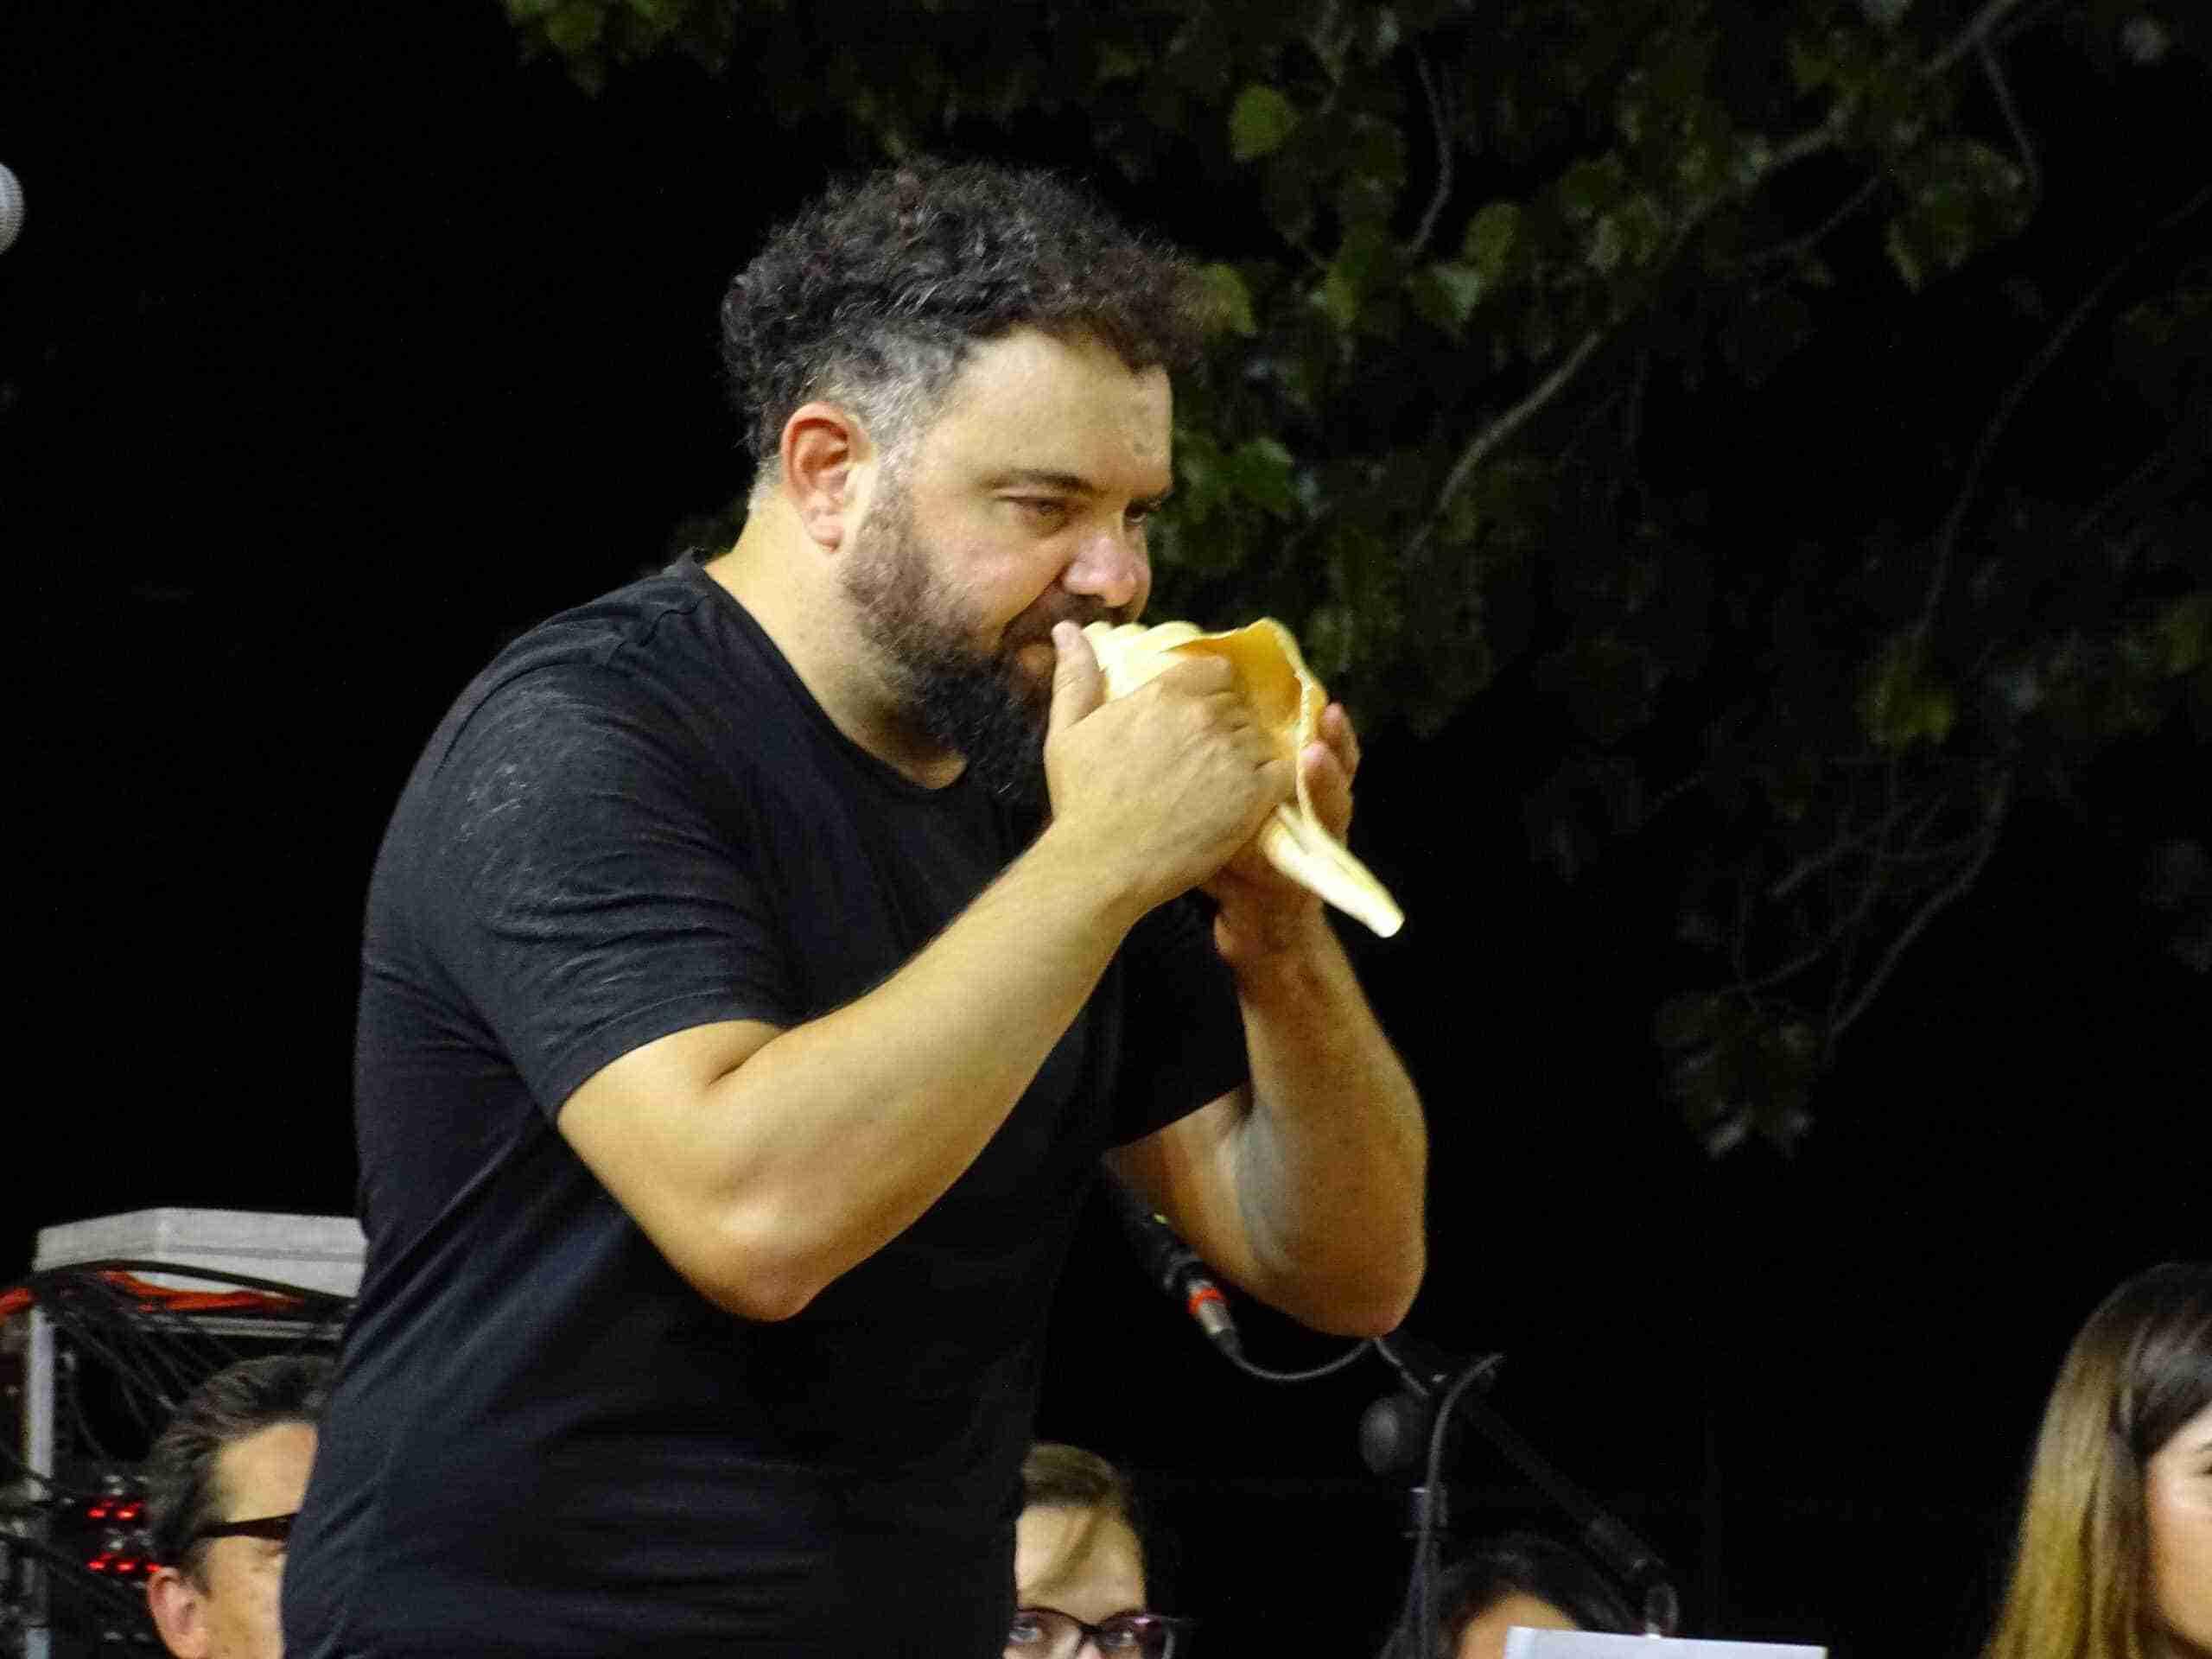 Magistral concierto de la Banda Sinfónica Municipal y el multiinstrumentista Abraham Cupeiro para cerrar el Festival de Musica 12